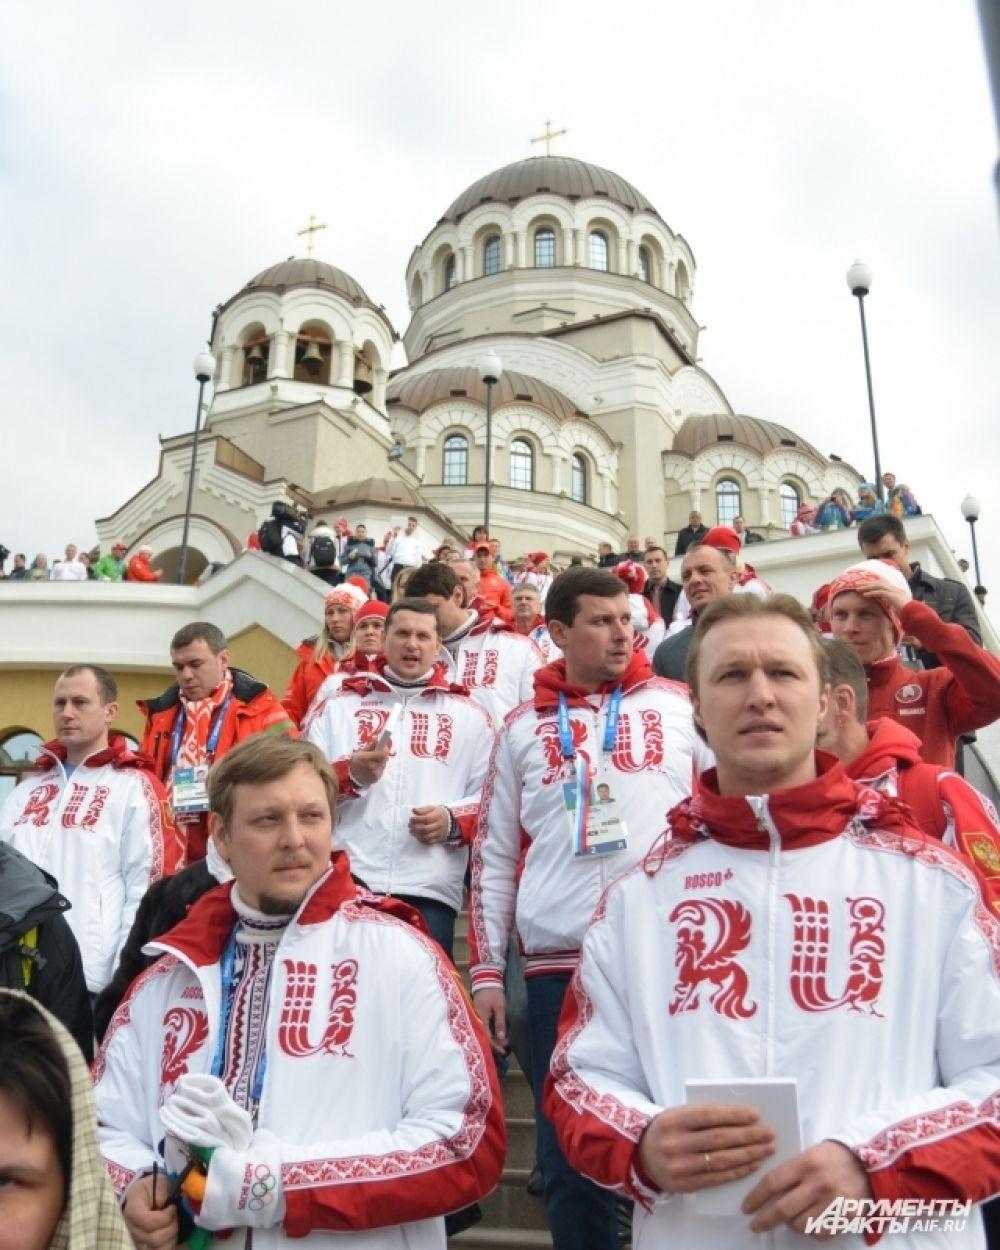 Богослужения здесь планируется проводить ежедневно, а во время Олимпийских игр двери храма будут открыты круглосуточно.